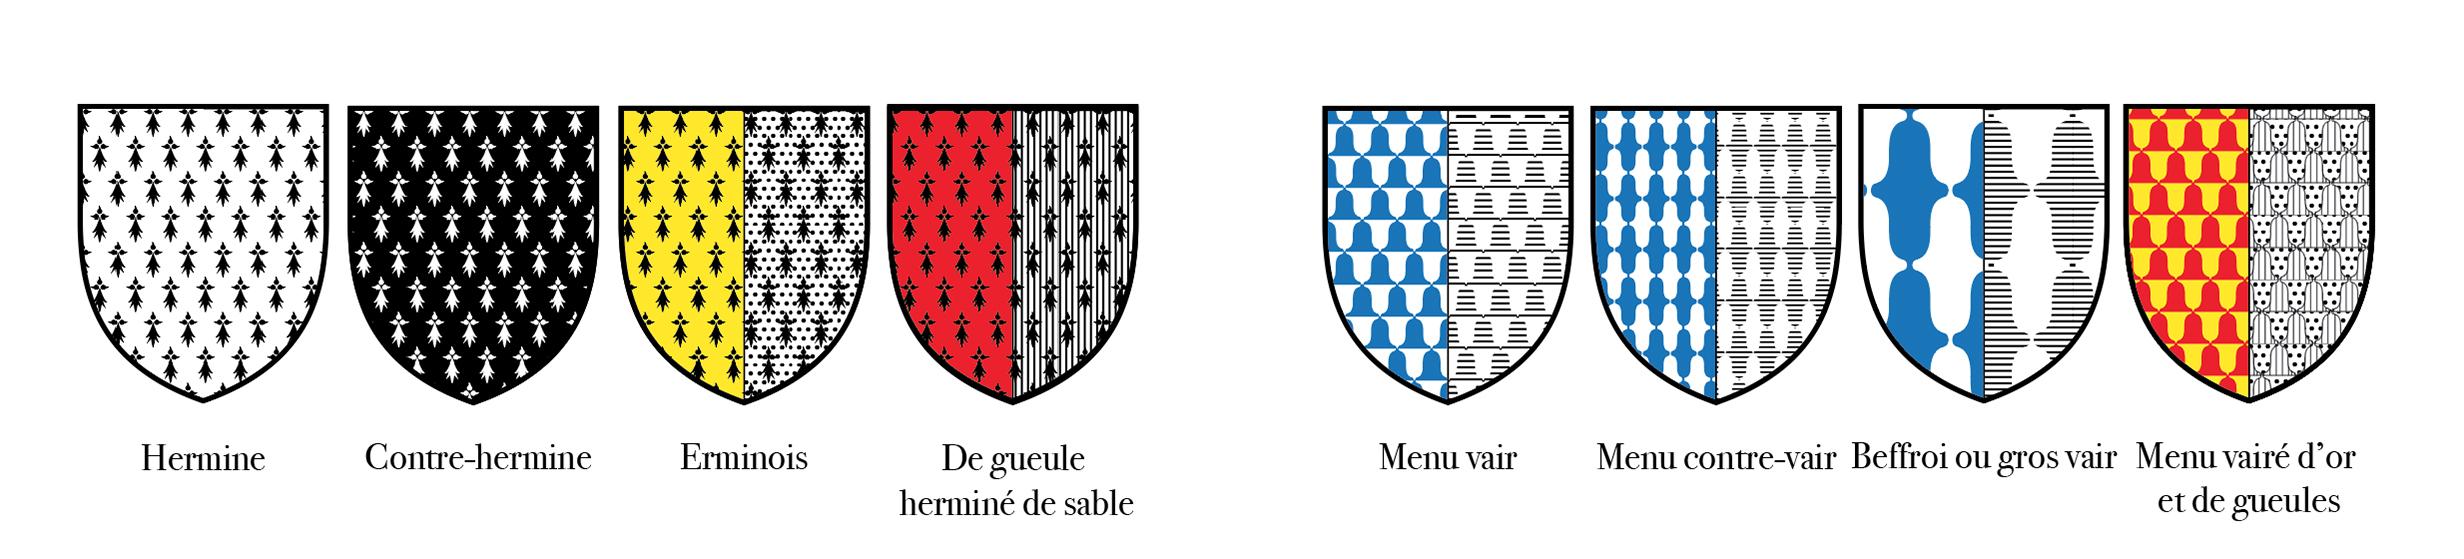 Illustration des fourrures en héraldique